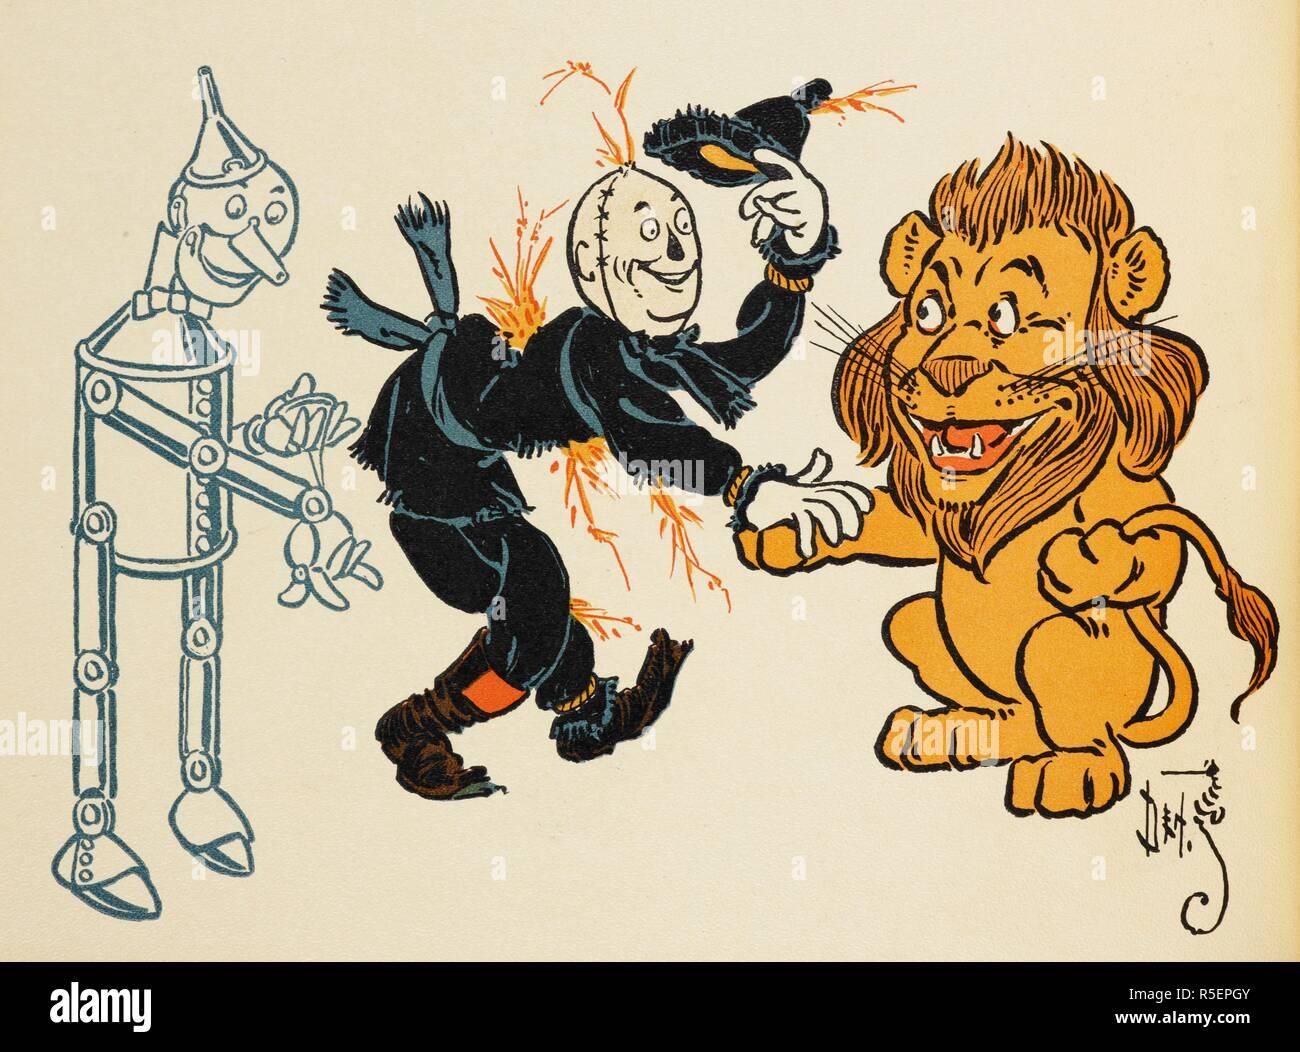 El Hombre De Hojalata El Espantapájaros Y El León Y El